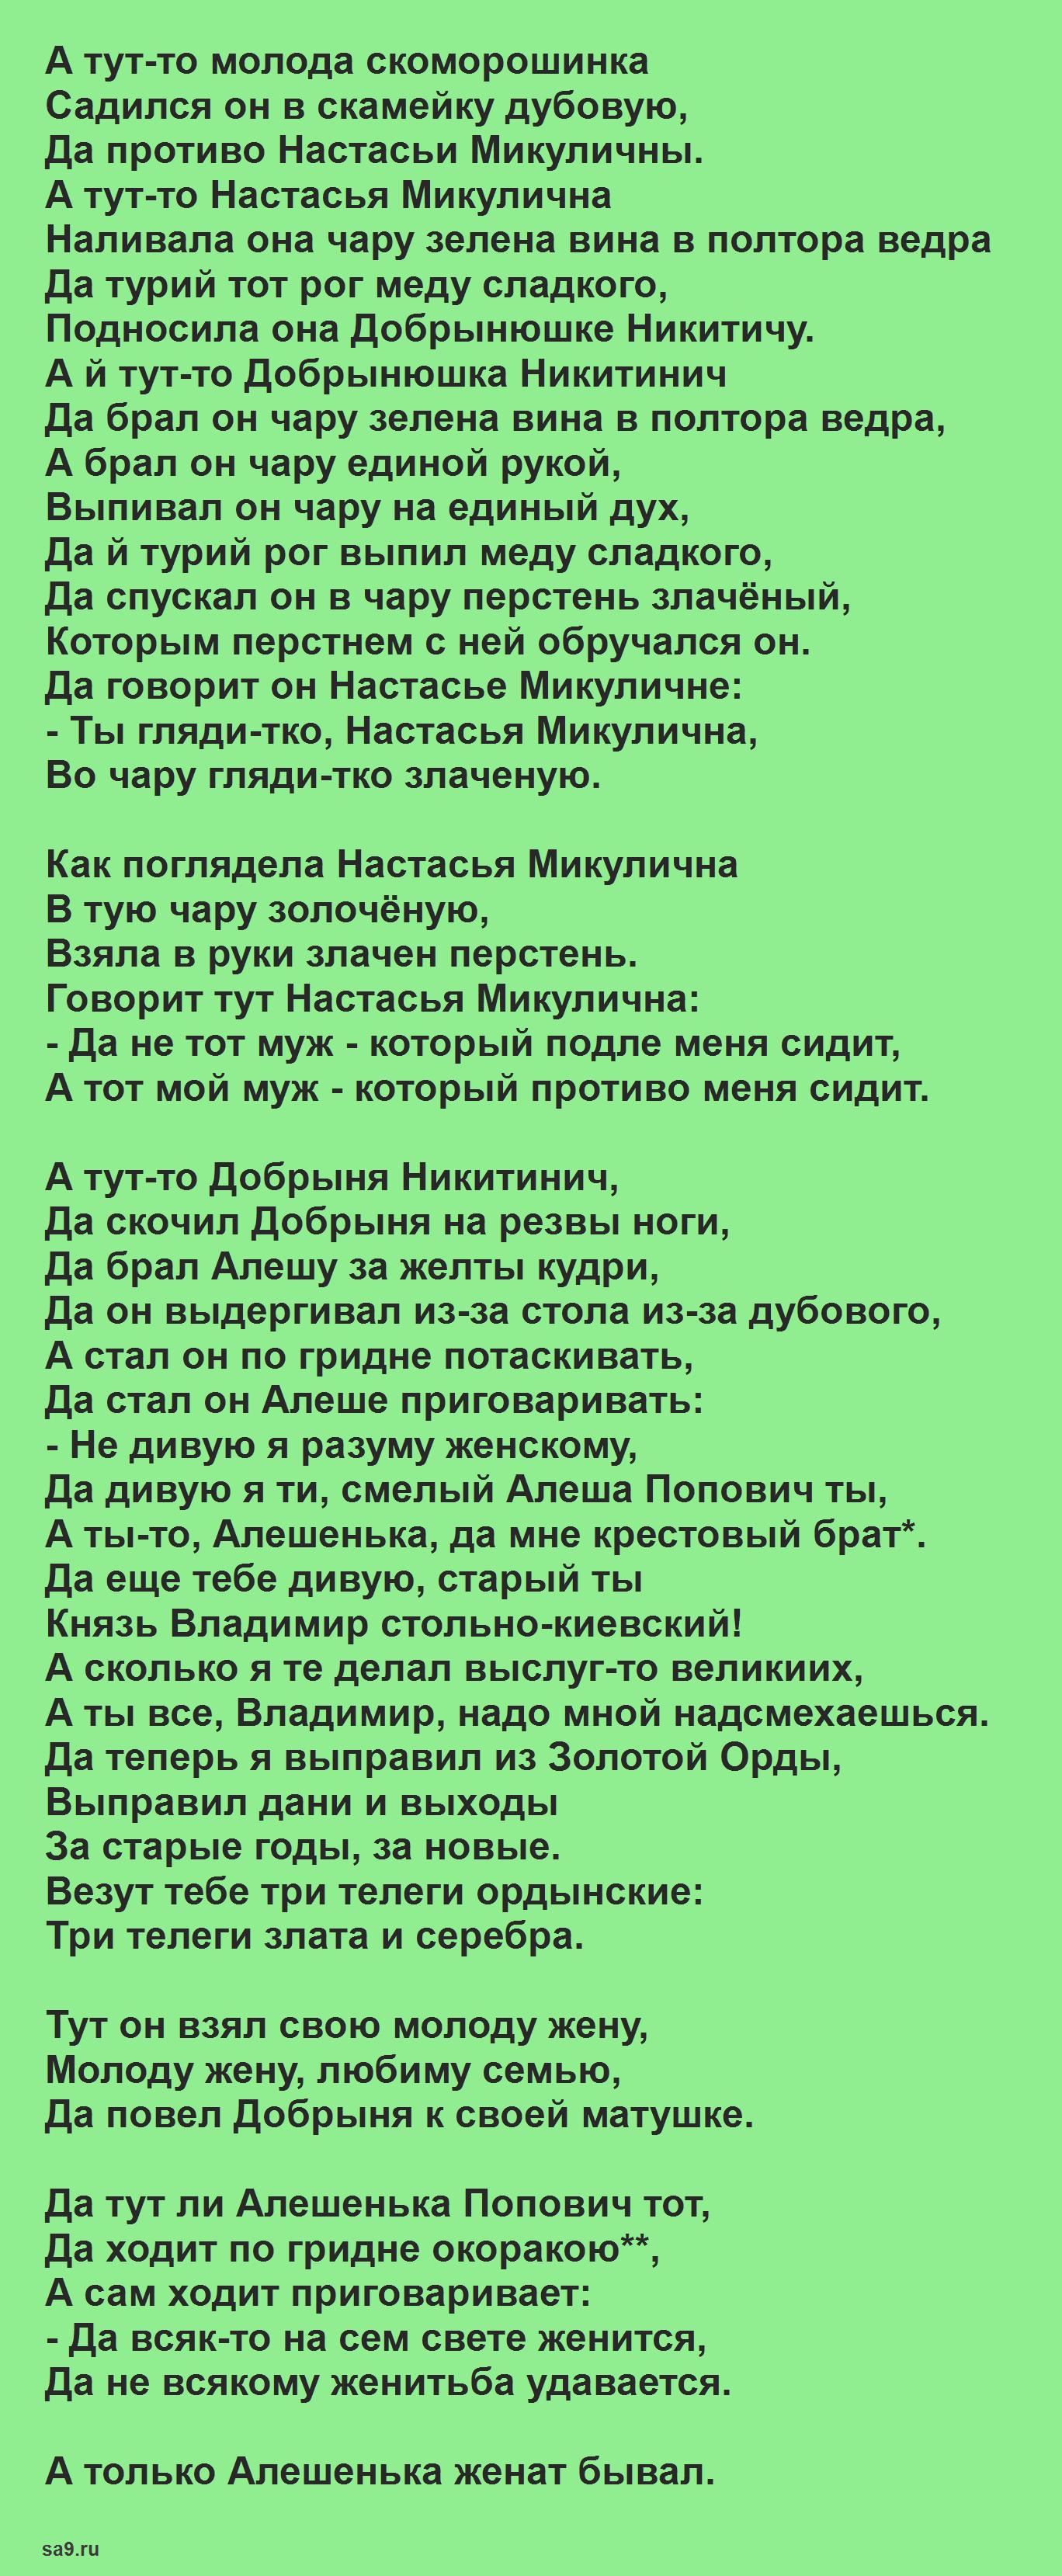 Читать былину - Добрыня Никитич и Алеша Попович, полностью бесплатно